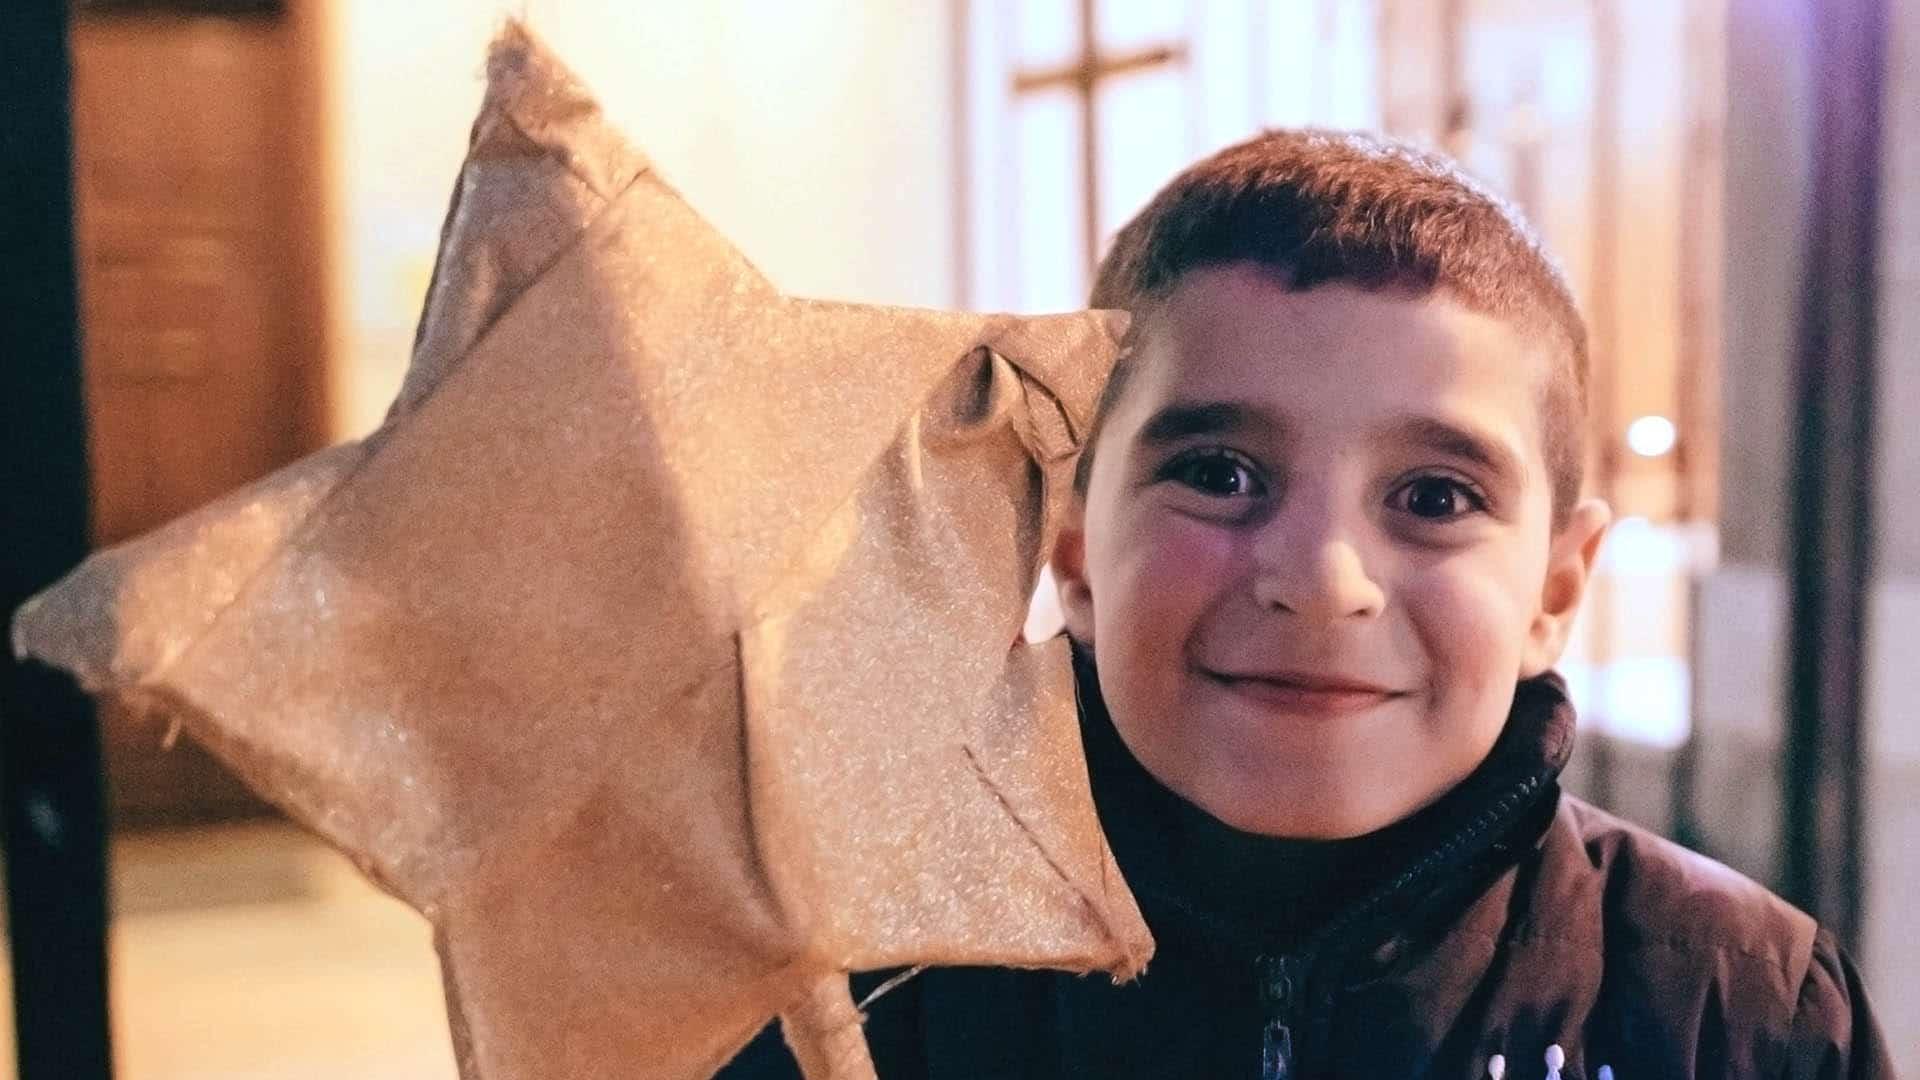 Abraham Syyria FullHD odfi topbanner